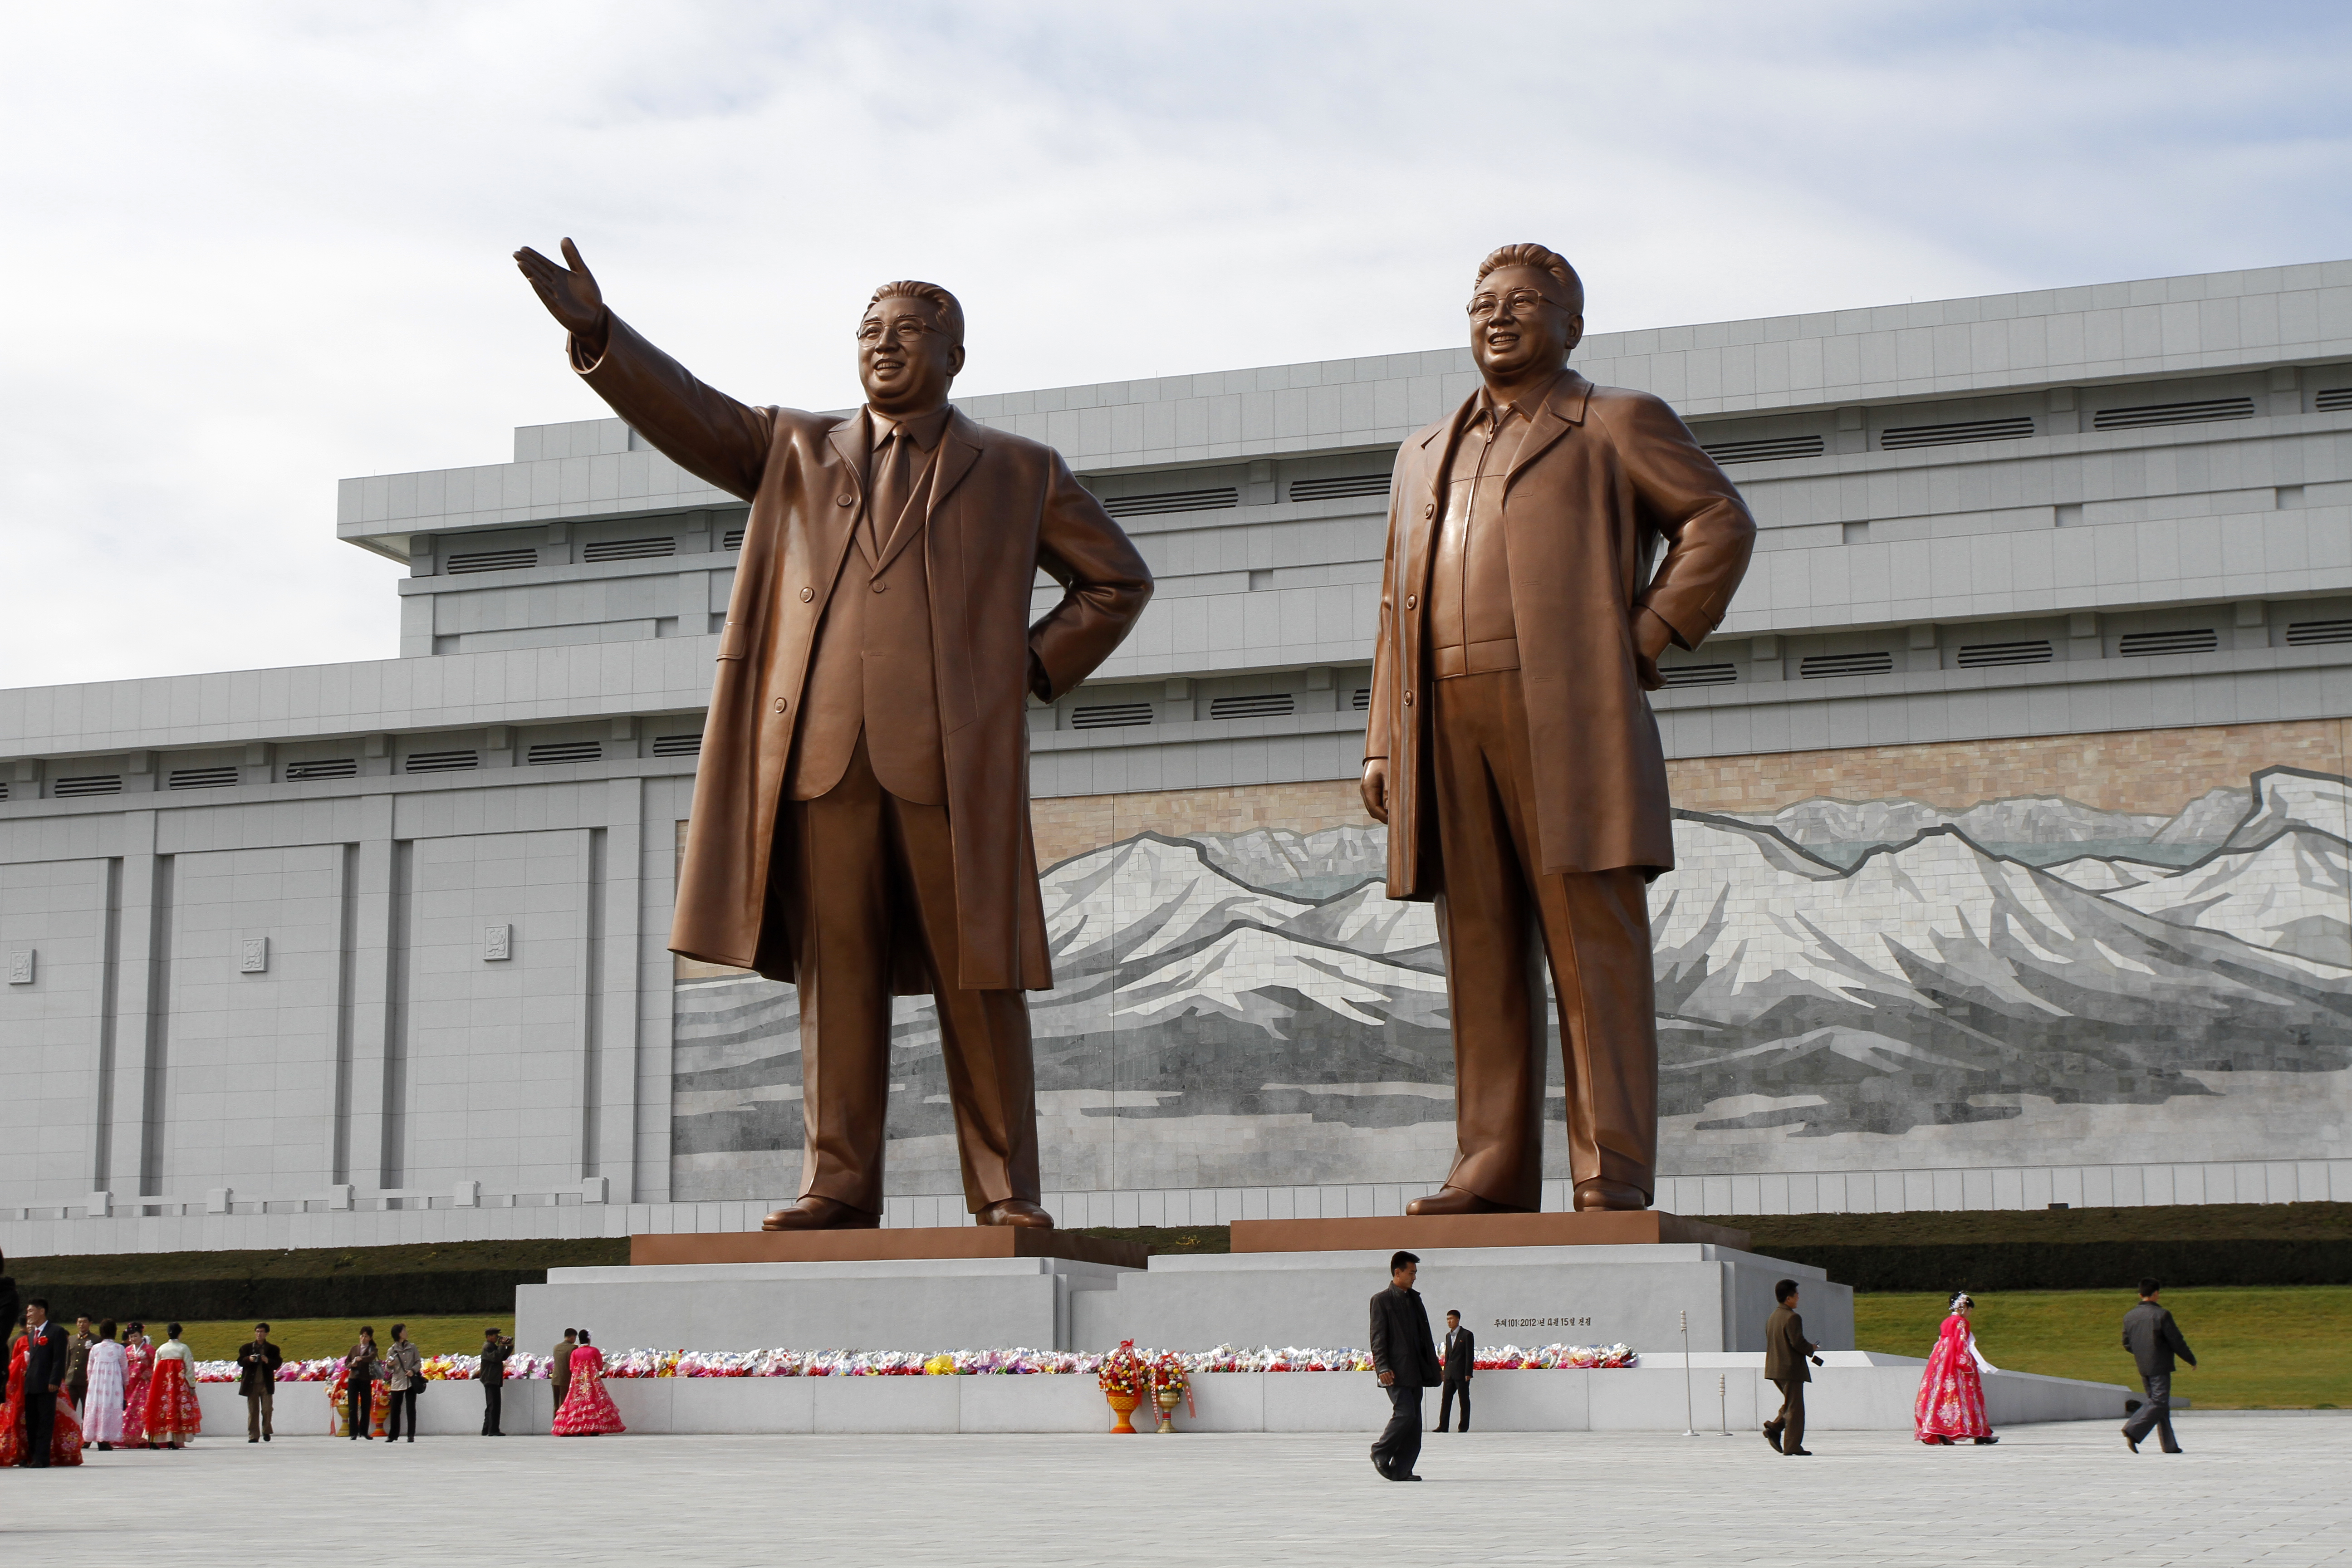 Pyongyang, statuia lui Kim Il-Sung iar alături Kim Jong-Il...nu-i așa că seamănă